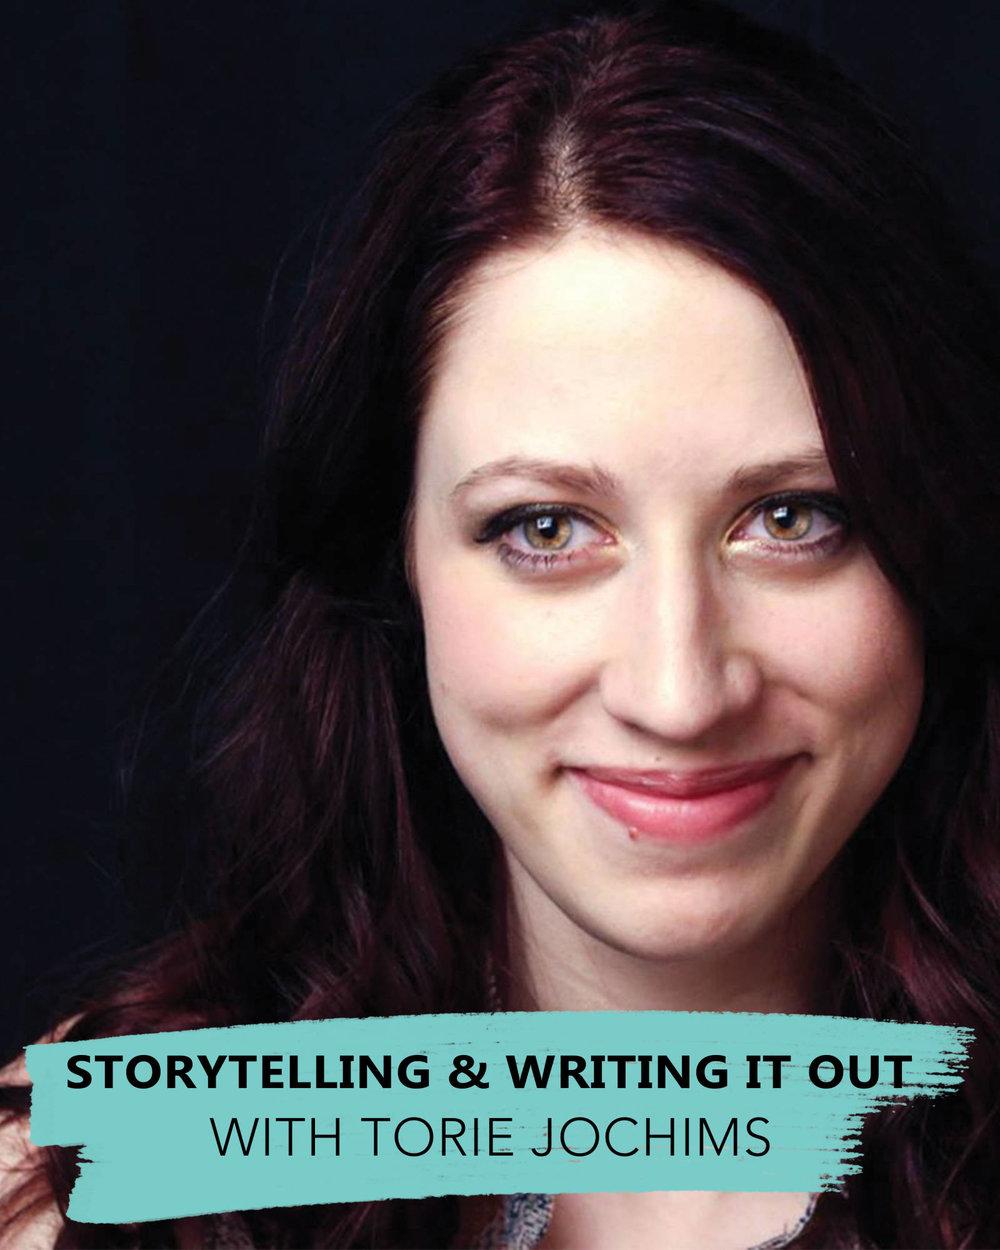 Storytelling-with-Torie-Jochims.jpg